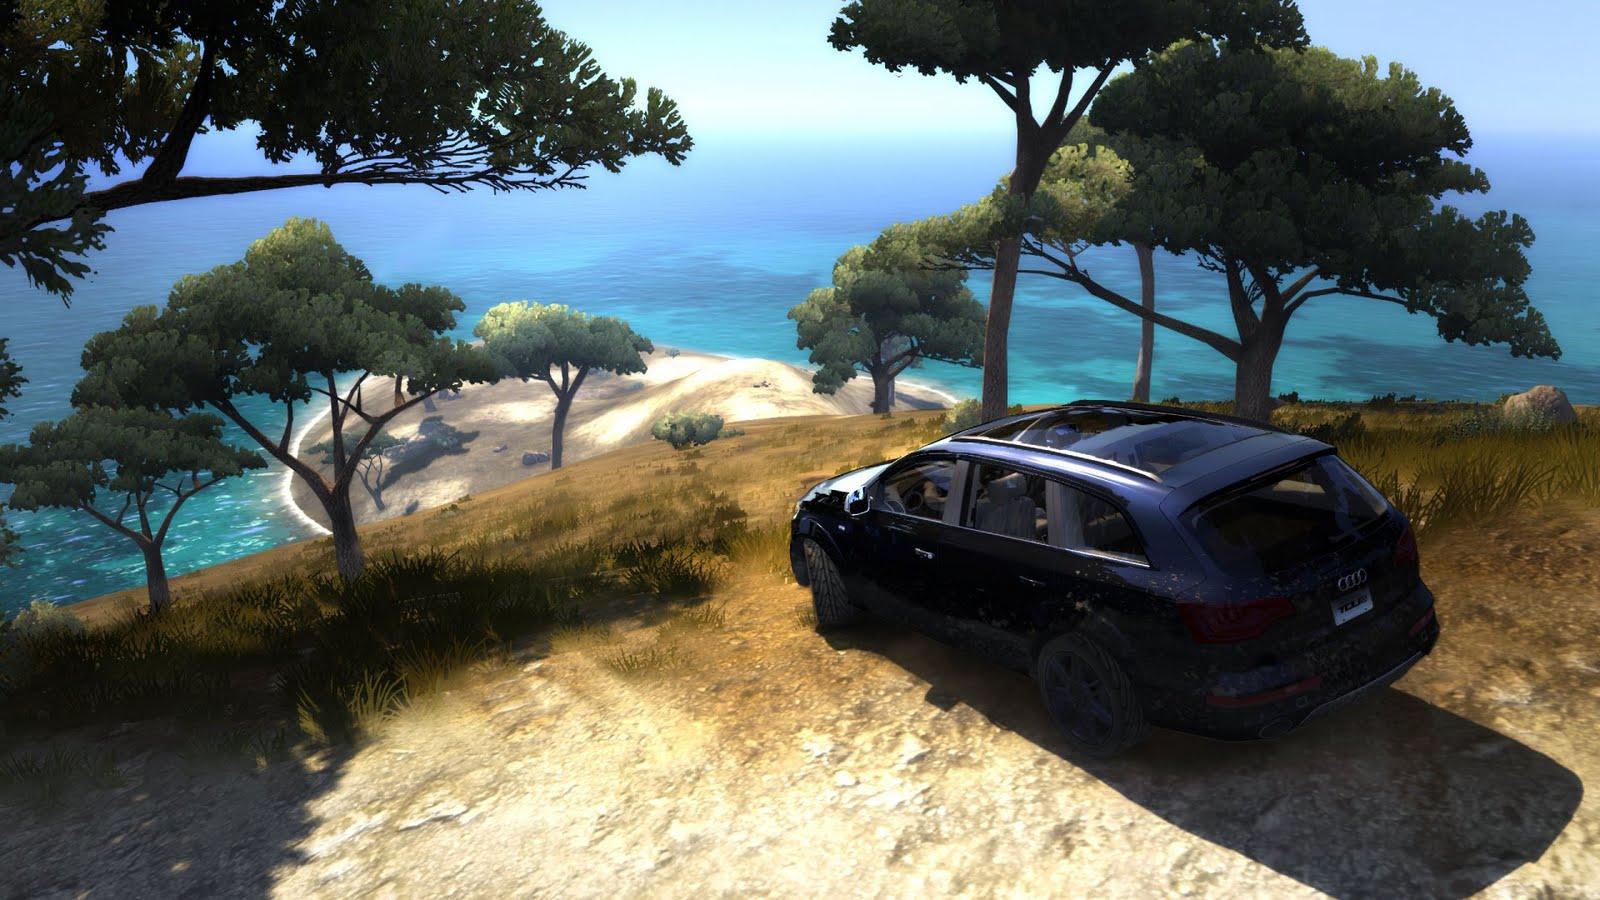 http://3.bp.blogspot.com/_ssXXvhqSEcw/S-_0ZHaVZhI/AAAAAAAAEDY/OMT7H_NEyjE/s1600/Game-TestDriveUnlimited2-Xbox360.jpg